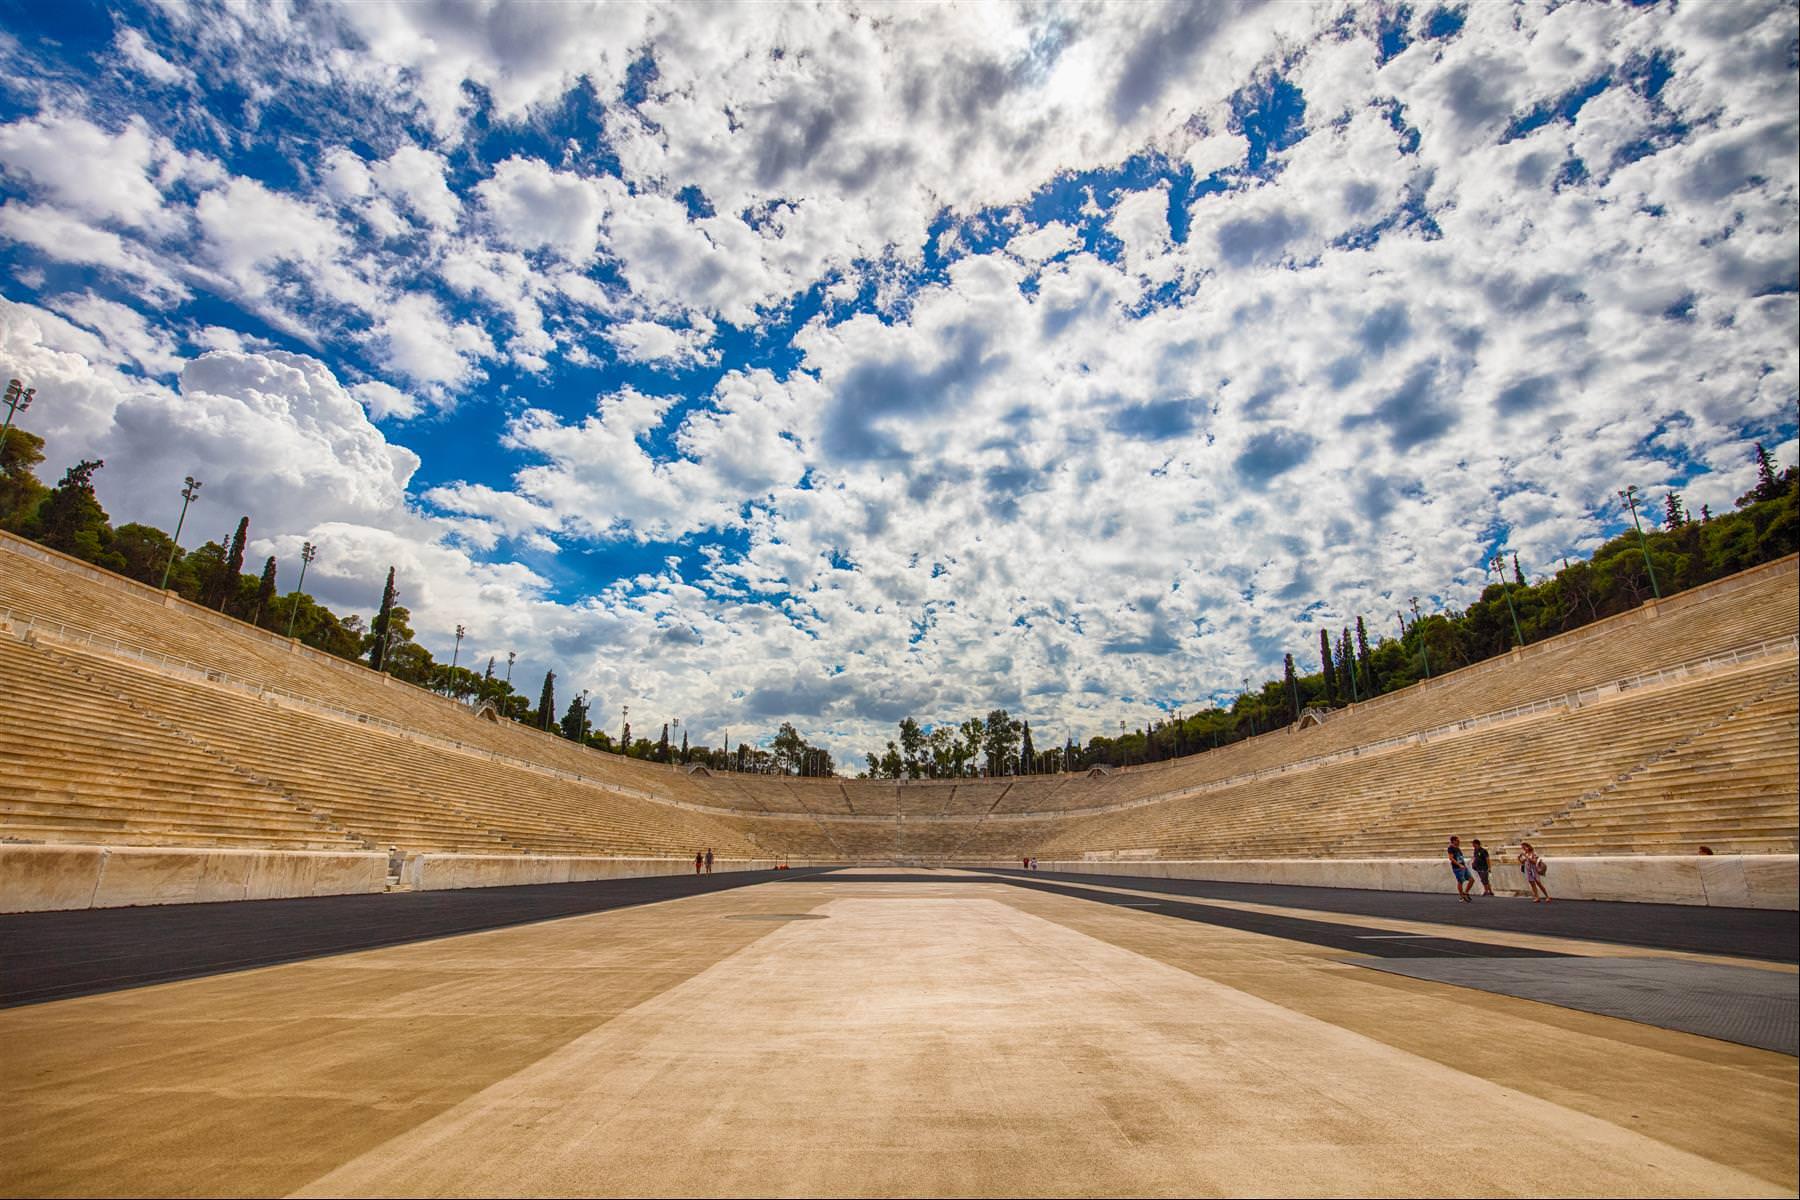 雅典競技場